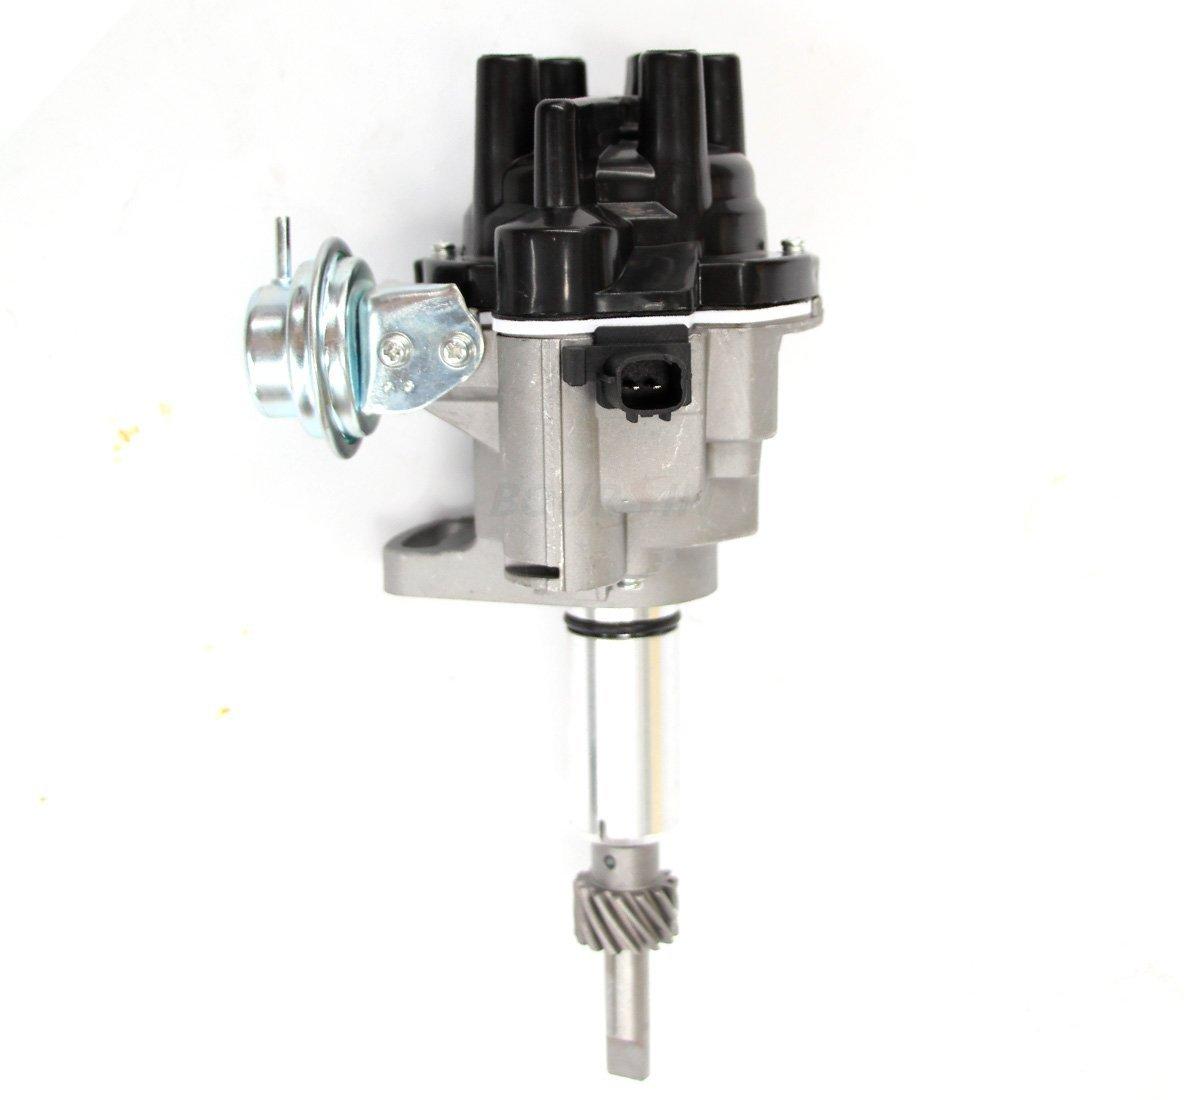 Electronic Ignition Distributor Assy Fit Nissan TCM Forklift TRUCK K15 H15 H20 H20 II H20-2 K25 22100-60k15 22100-50K10